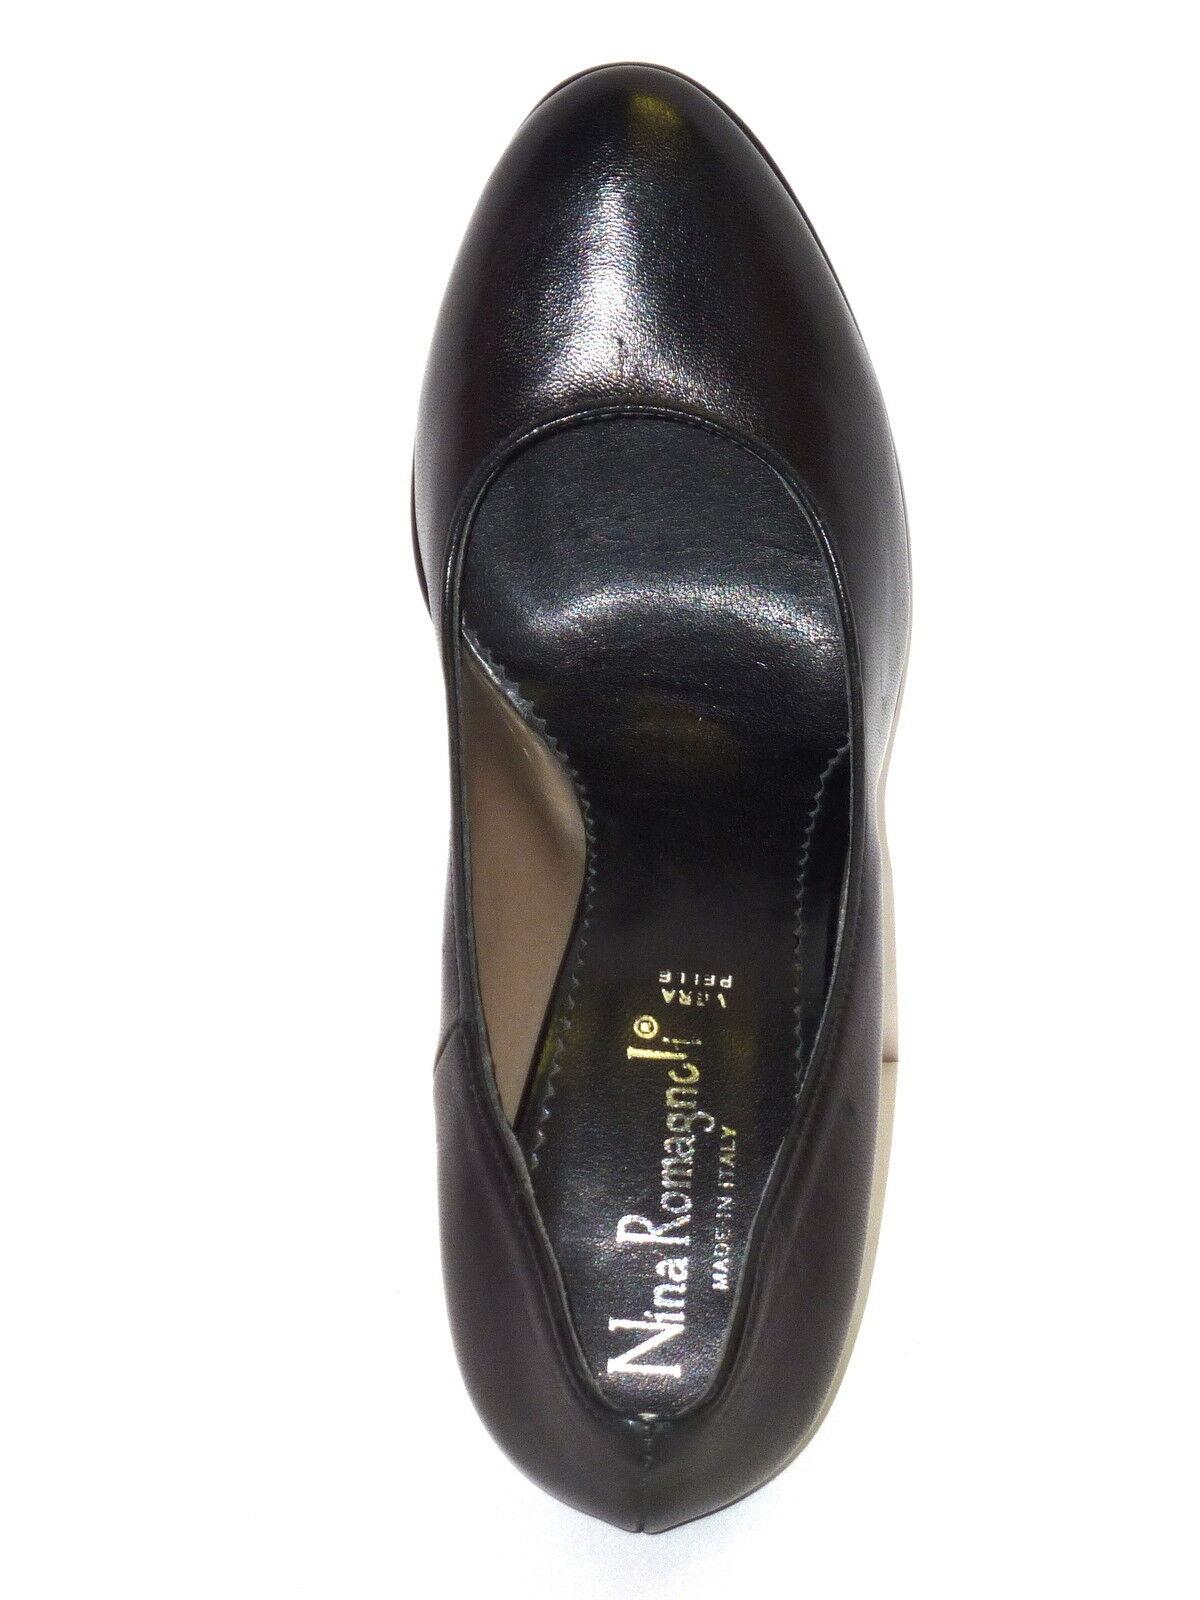 zapatos mujer PELLE NAPPA negro DECOLLETE Molinoline PLATEAU E TACCO ALTO Molinoline DECOLLETE n. 40 3141ac